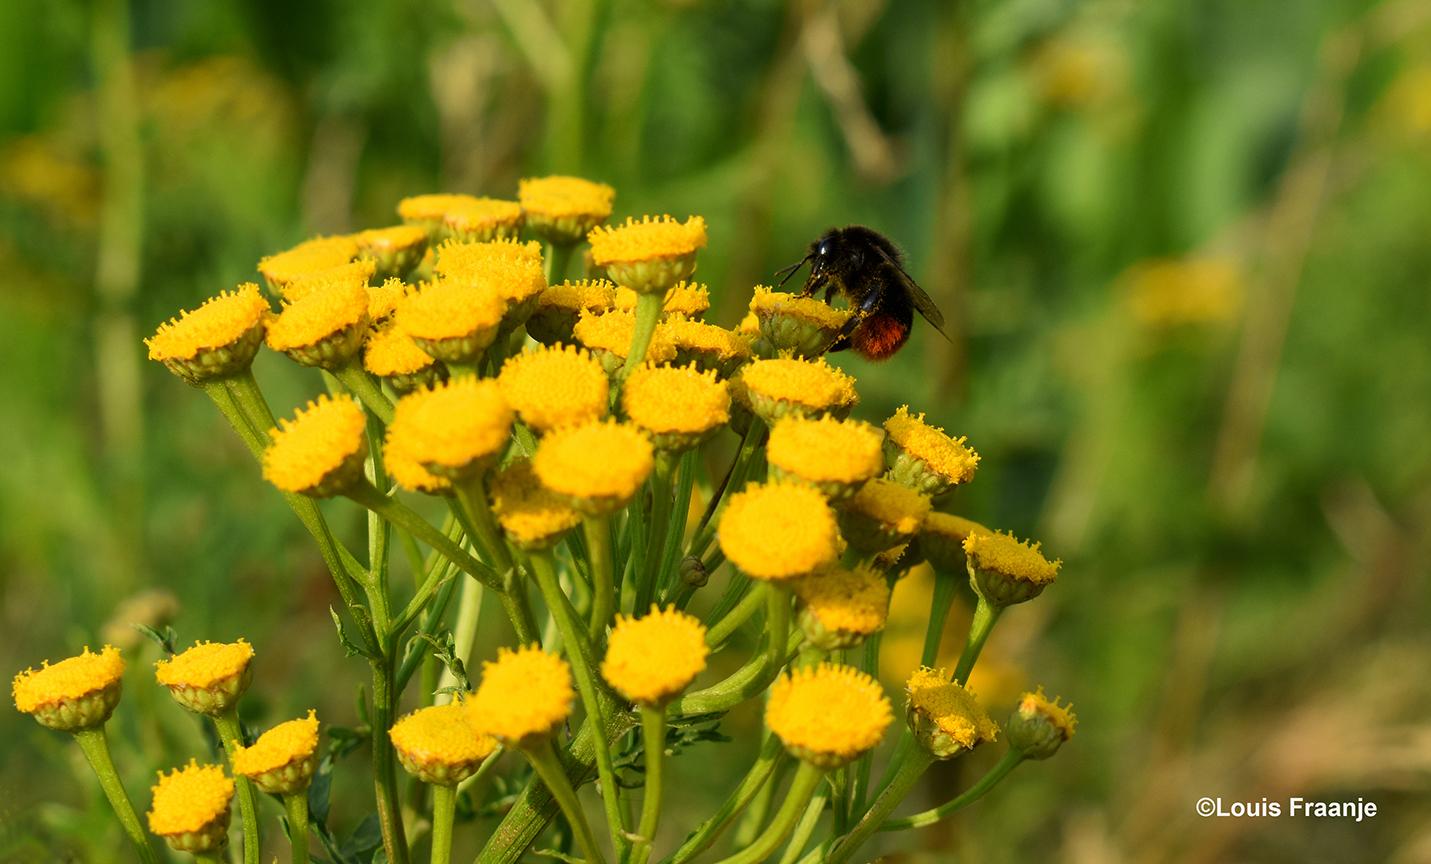 Een honingbij op het gele Boerenwormkruid - Foto: ©Louis Fraanje